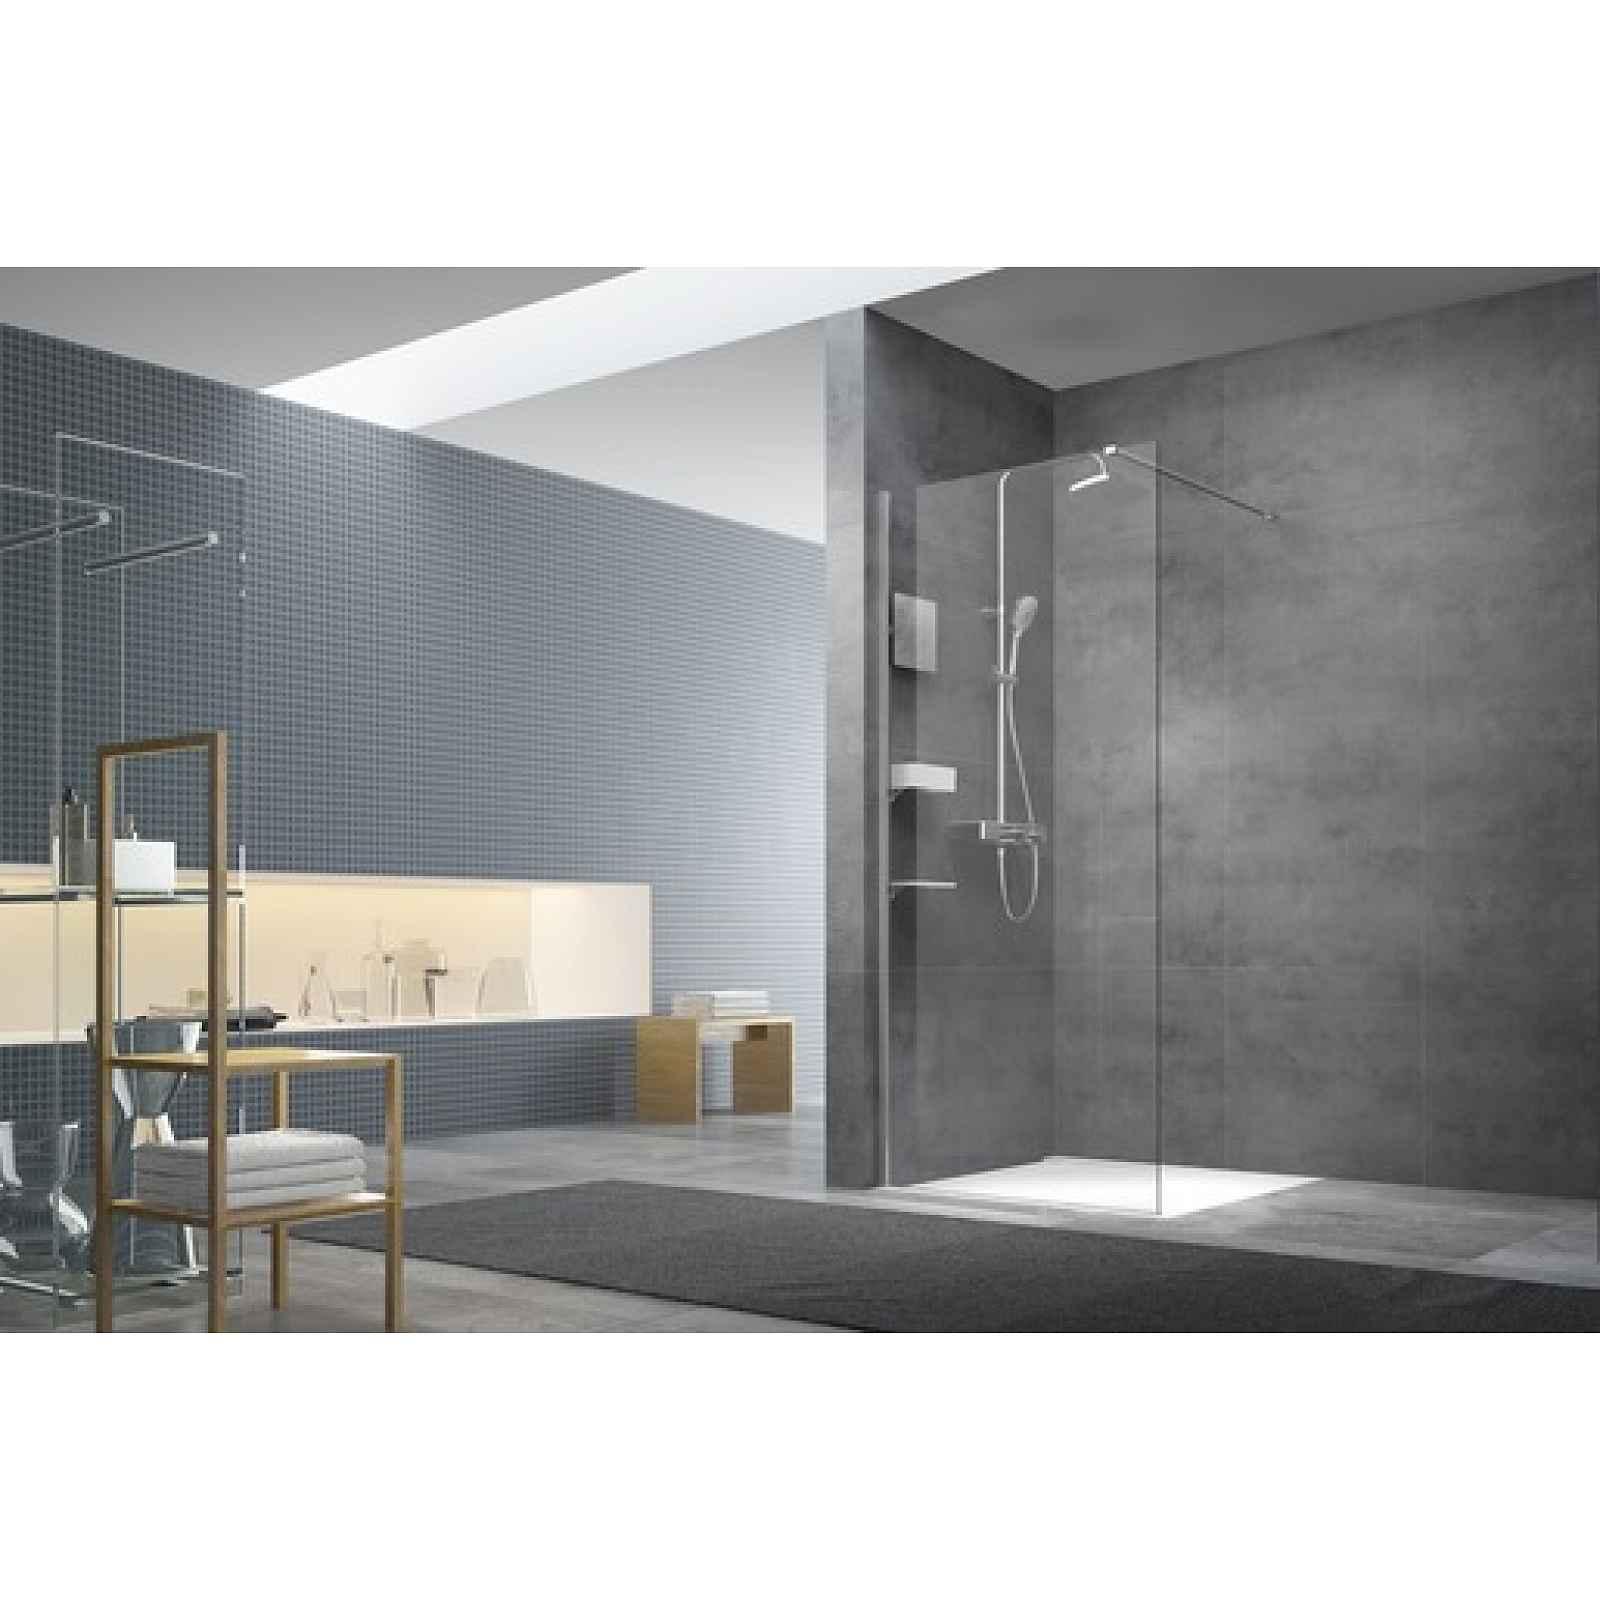 Sprchová zástěna walk-in Walk-In / dveře 120 cm s profilem, zavětrováním a dopňky Swiss Aqua Technologies Walk-in SATBWI120PRDOPL